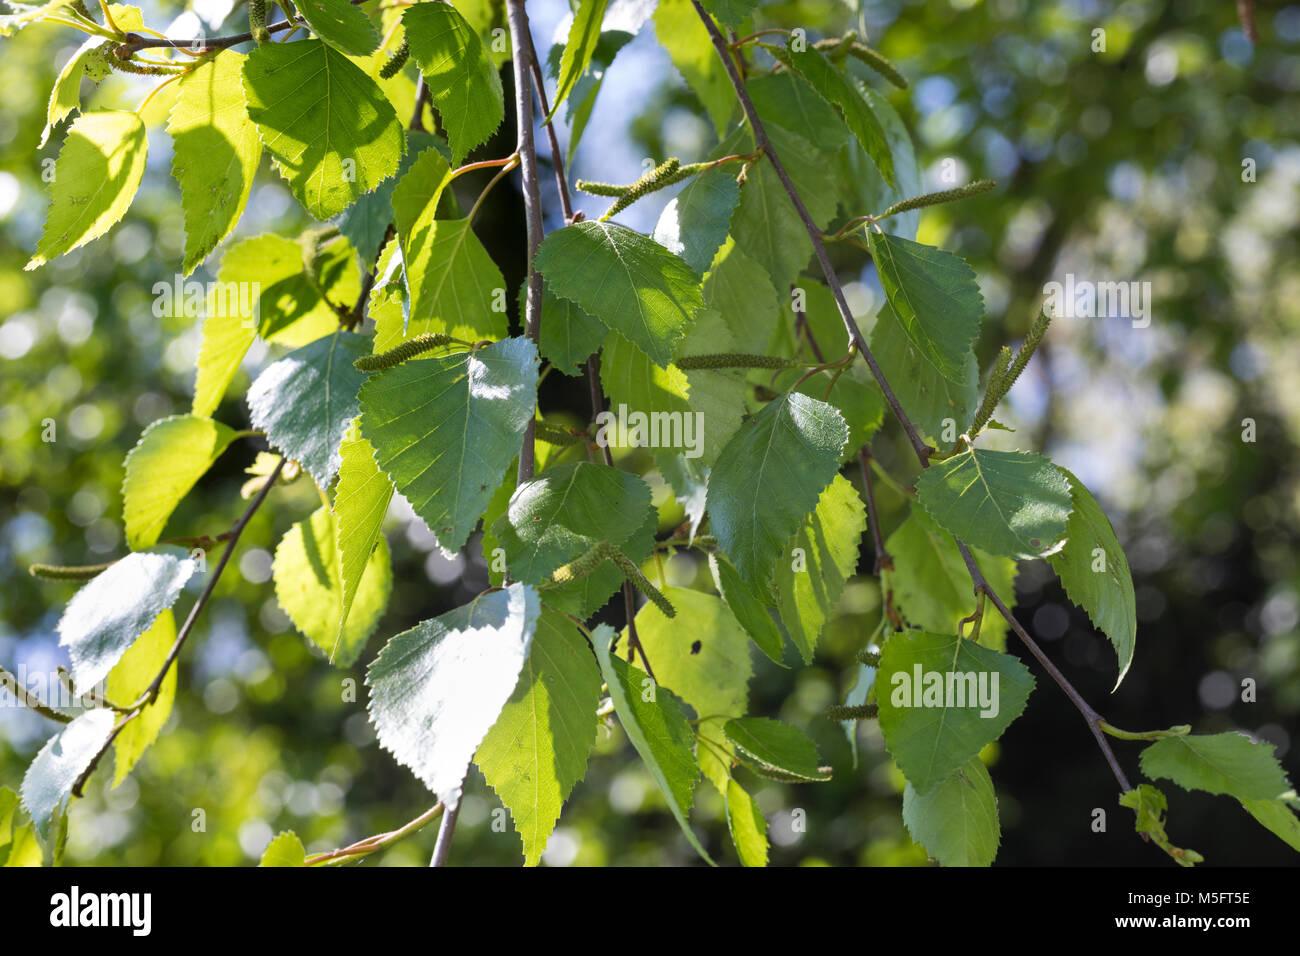 Moor-Birke, Moorbirke, Haar-Birke, Besen-Birke, Behaarte Birke, Betula pubescens, Betula alba, downy birch, moor Stock Photo